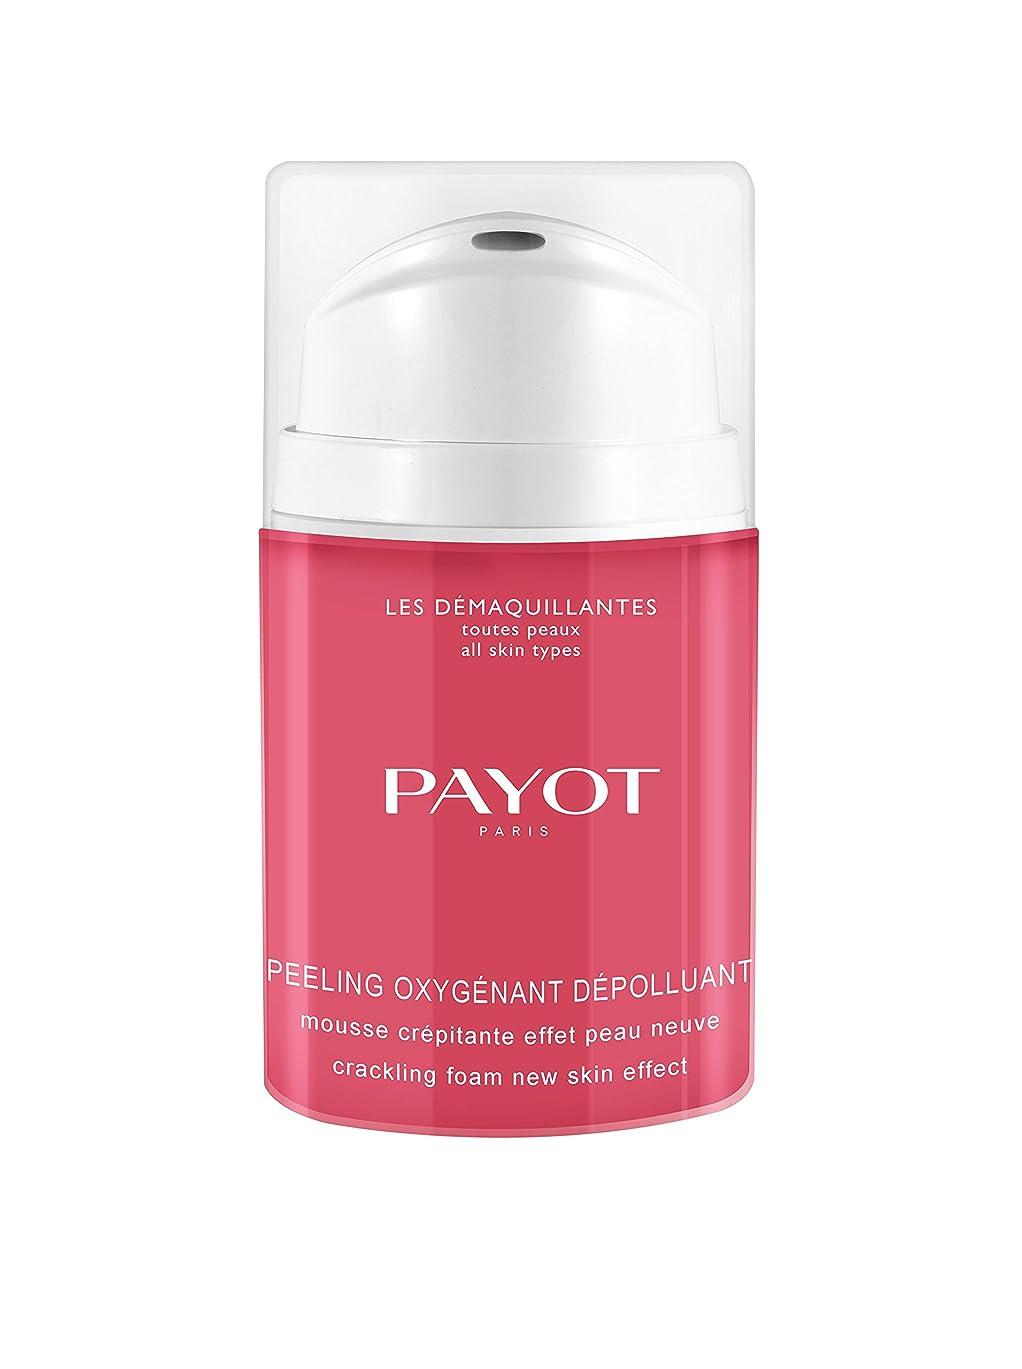 残酷要求するダイバーパイヨ Les Demaquillantes Peeling Oxygenant Depolluant - Cracking Foam New Skin Effect 40ml/1.35oz並行輸入品